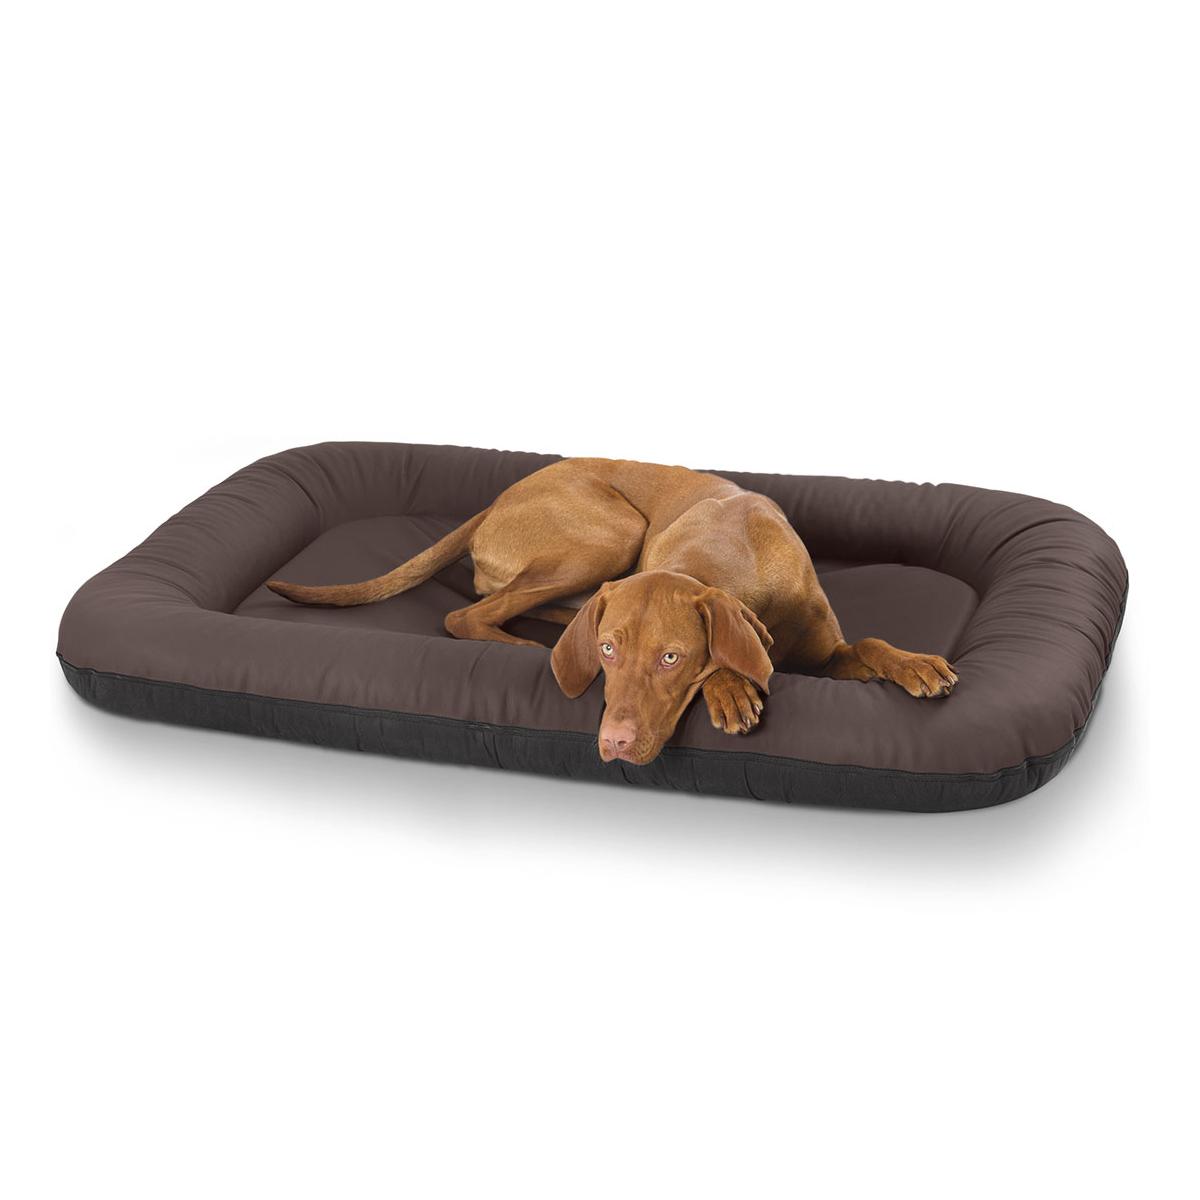 leder hundebett jerry braun eckig xxl. Black Bedroom Furniture Sets. Home Design Ideas